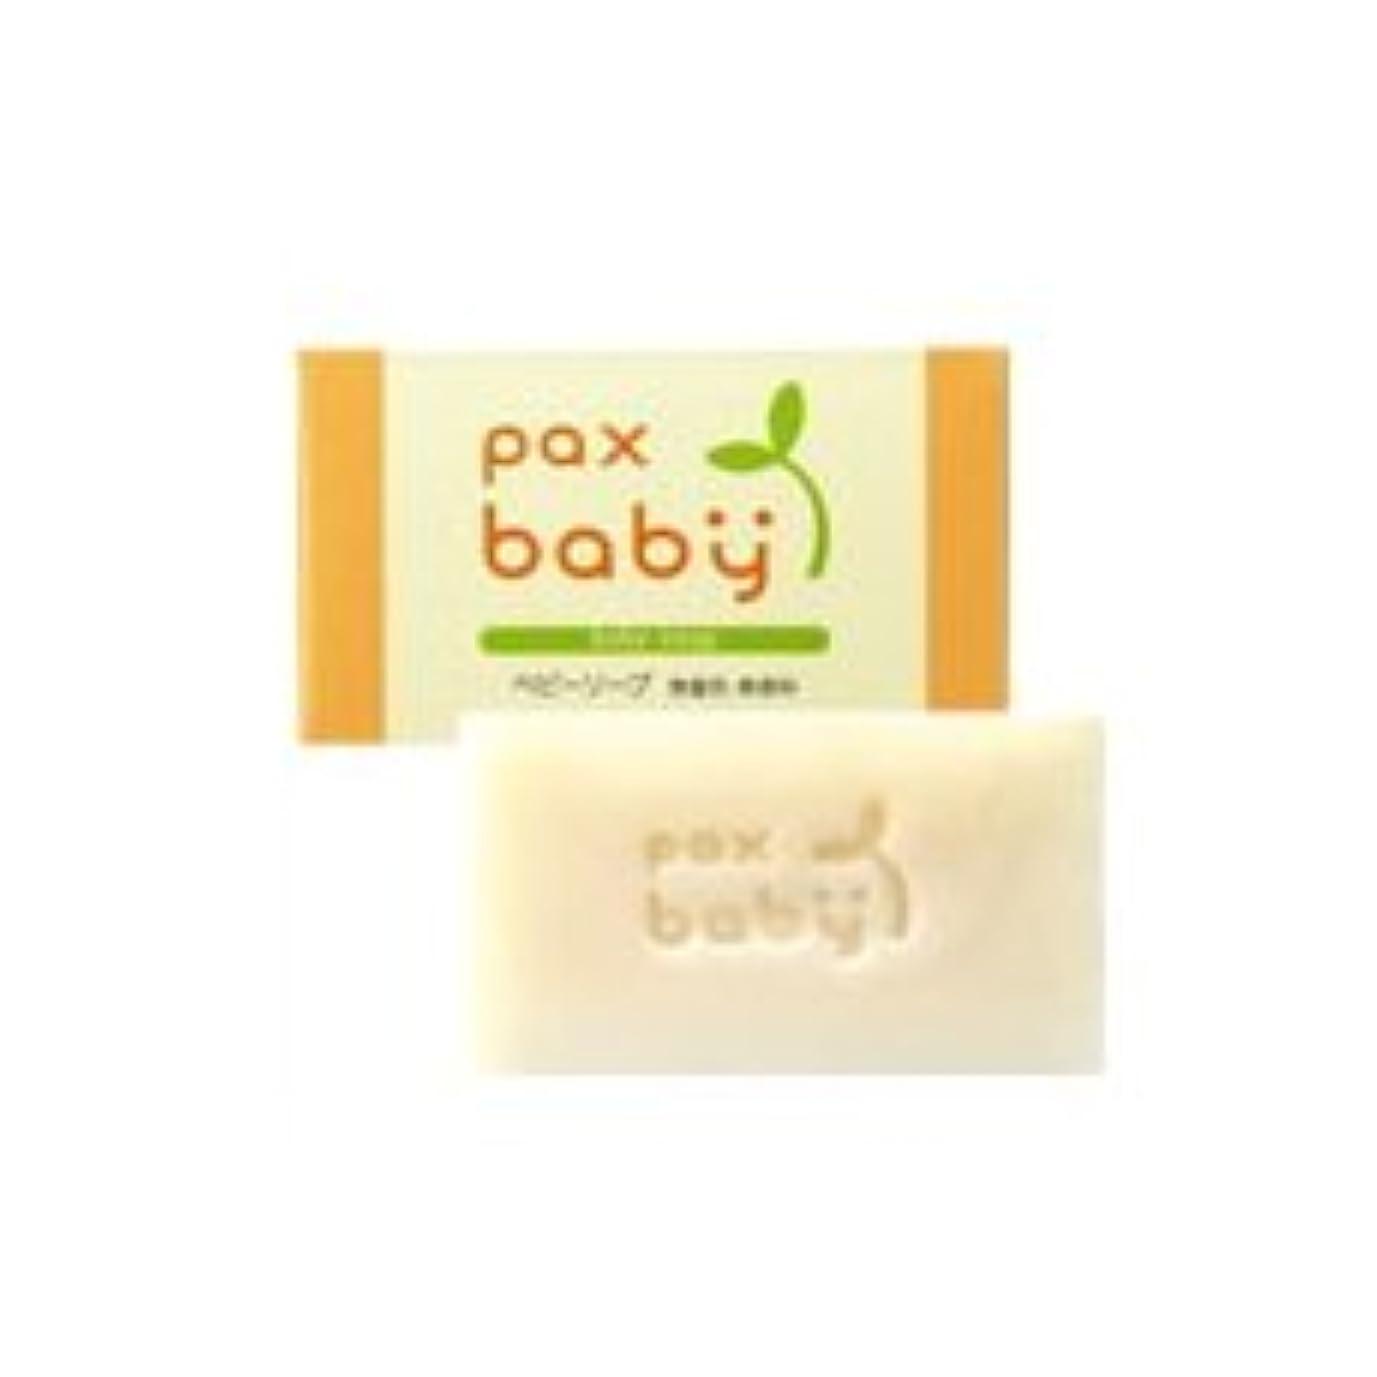 ドローセンサーカラス太陽油脂 pax baby パックスベビー ソープ 100g[cosme]